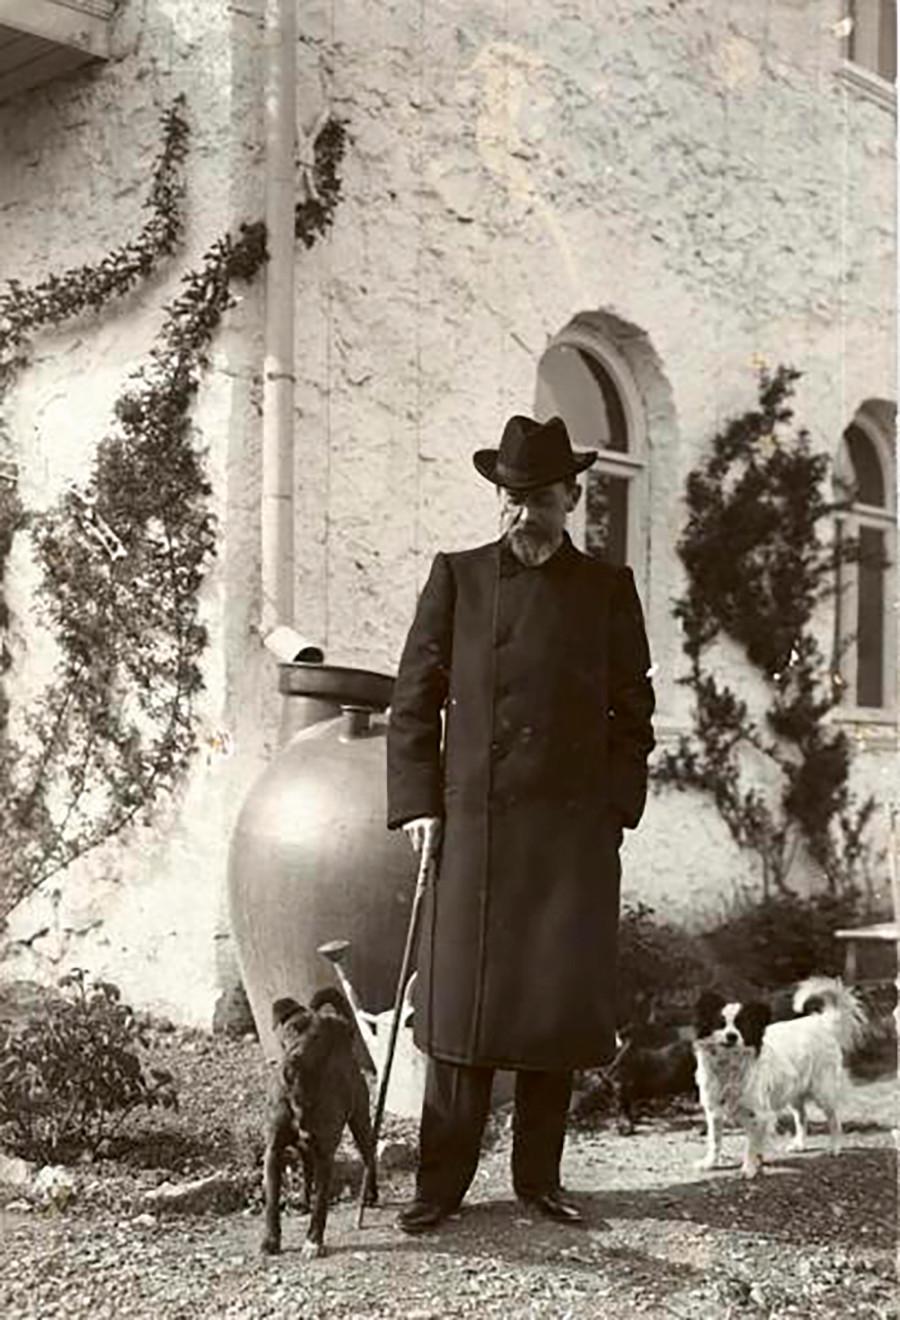 ヤルタで犬の散歩をする作家アントン・チェーホフ。チェーホフはクリミアに別荘を持っていた。1903年